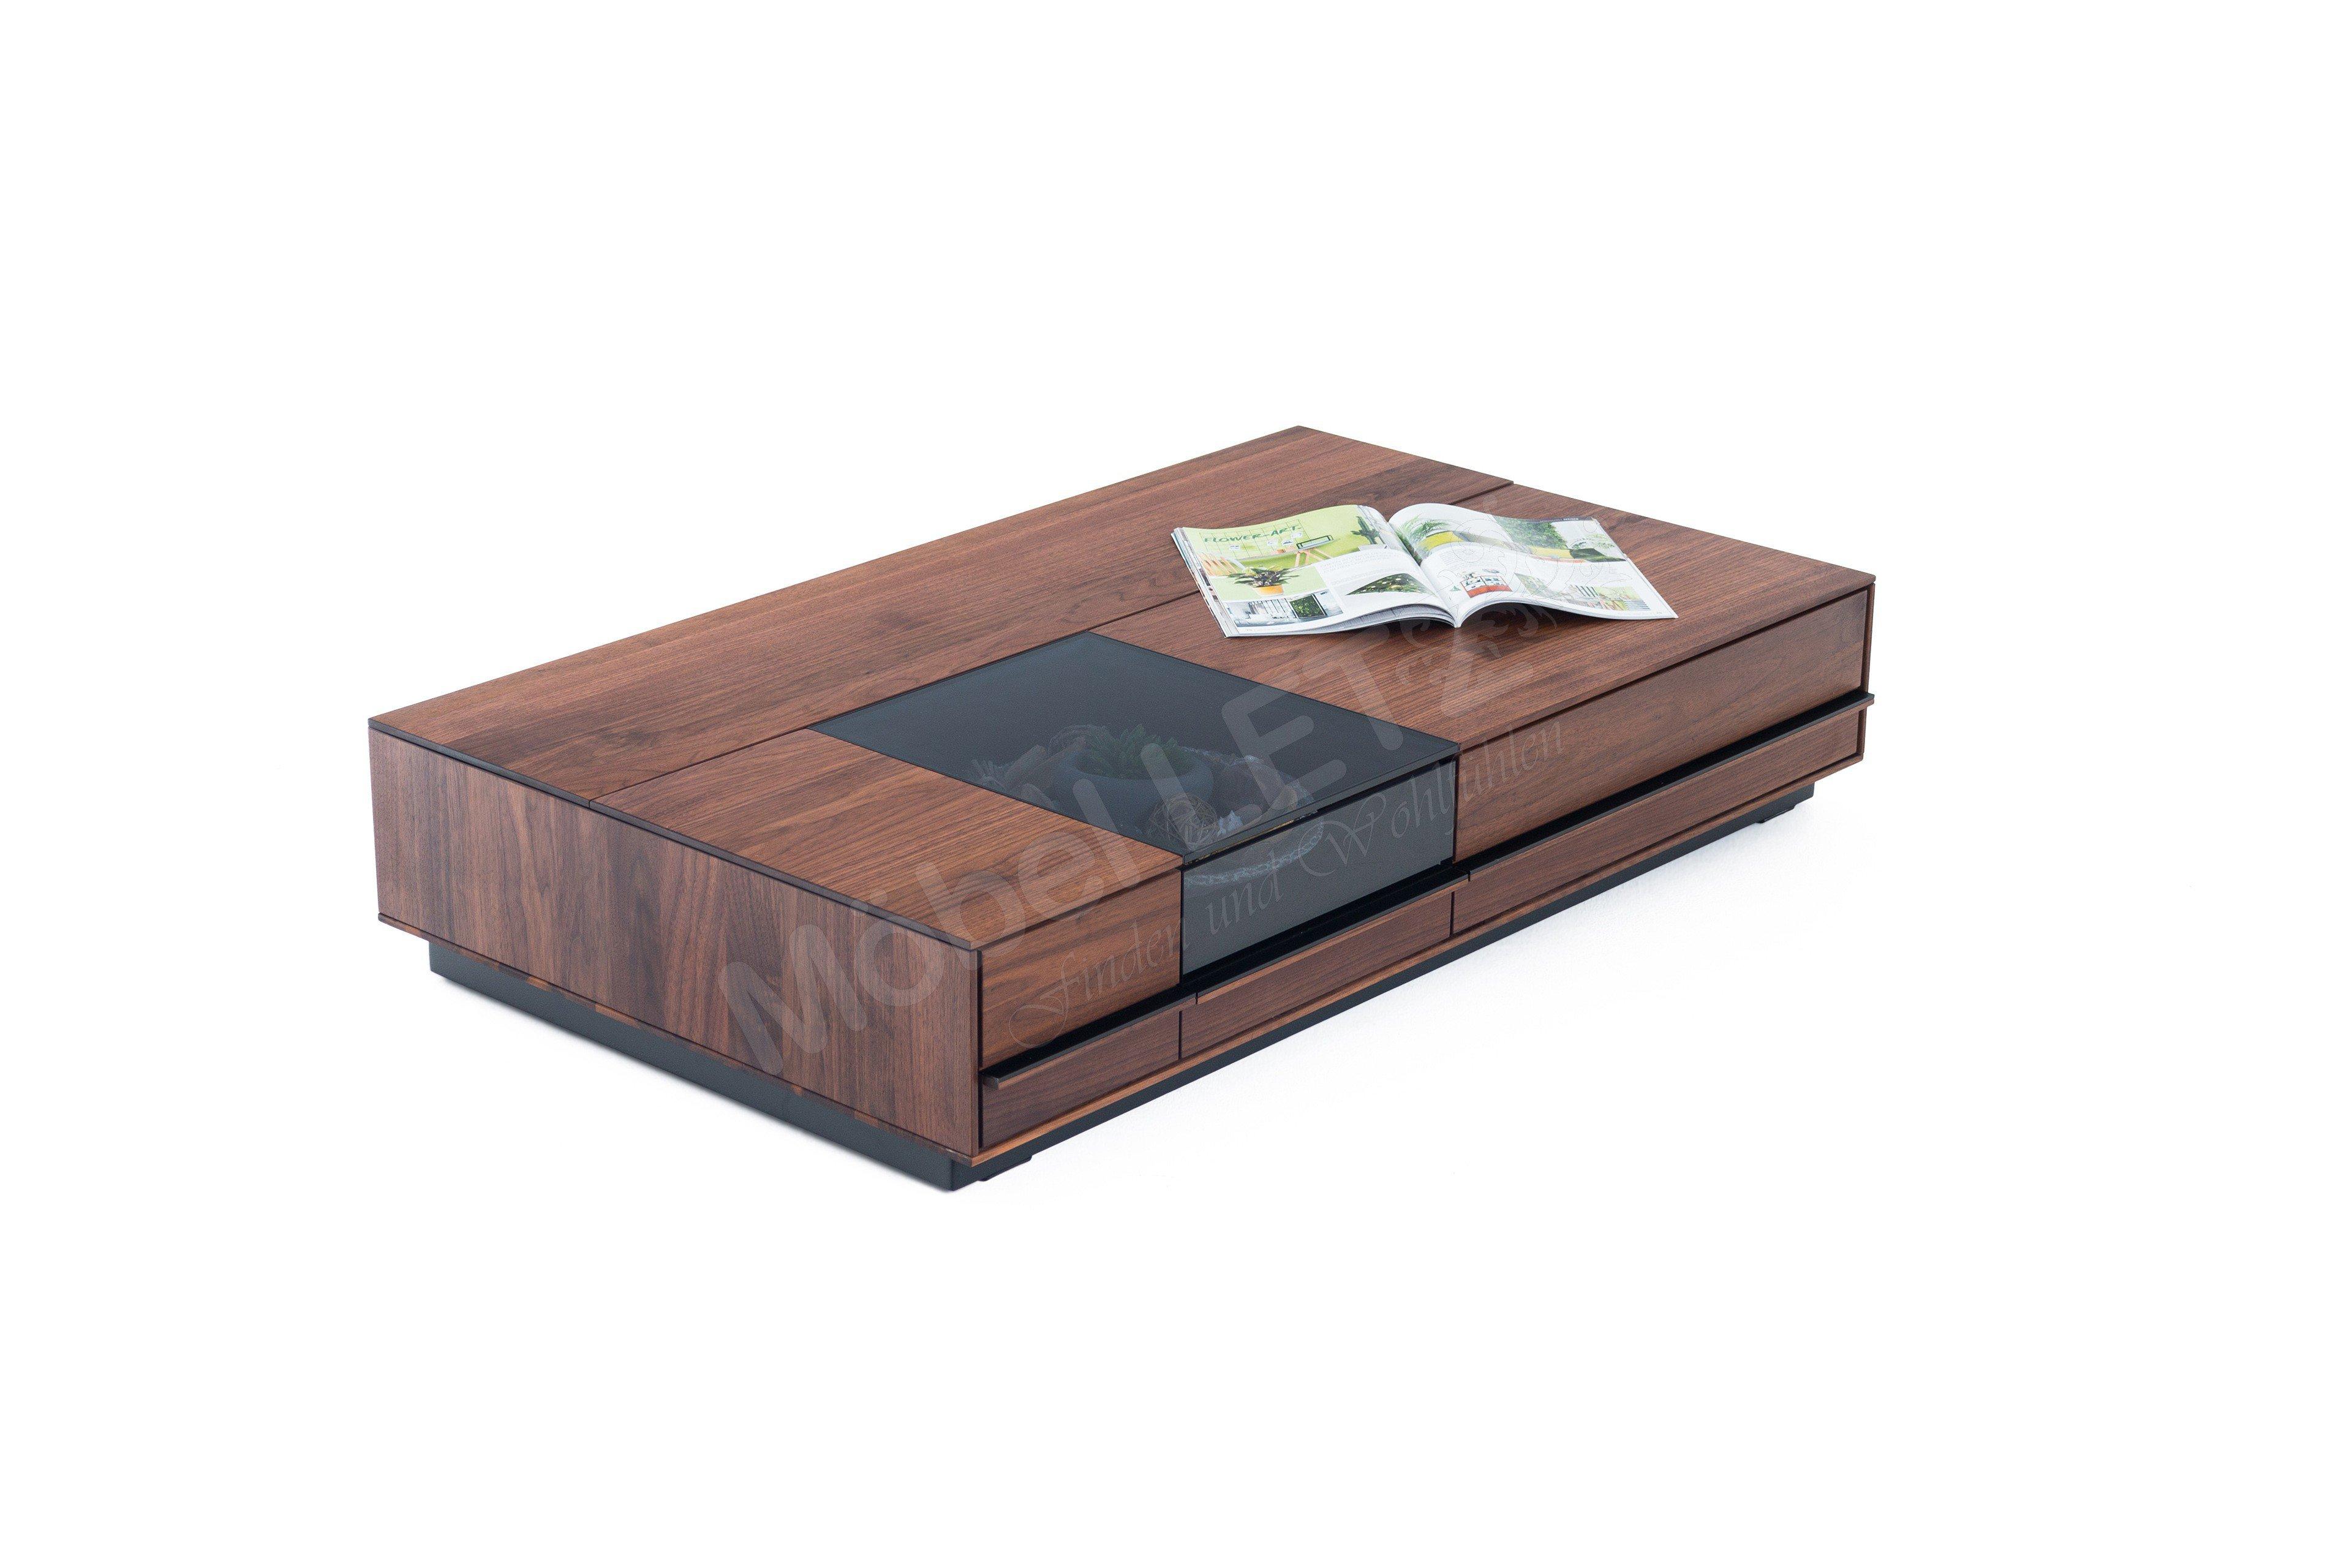 wimmer couchtisch terso t 305100 10 nussbaum m bel letz ihr online shop. Black Bedroom Furniture Sets. Home Design Ideas